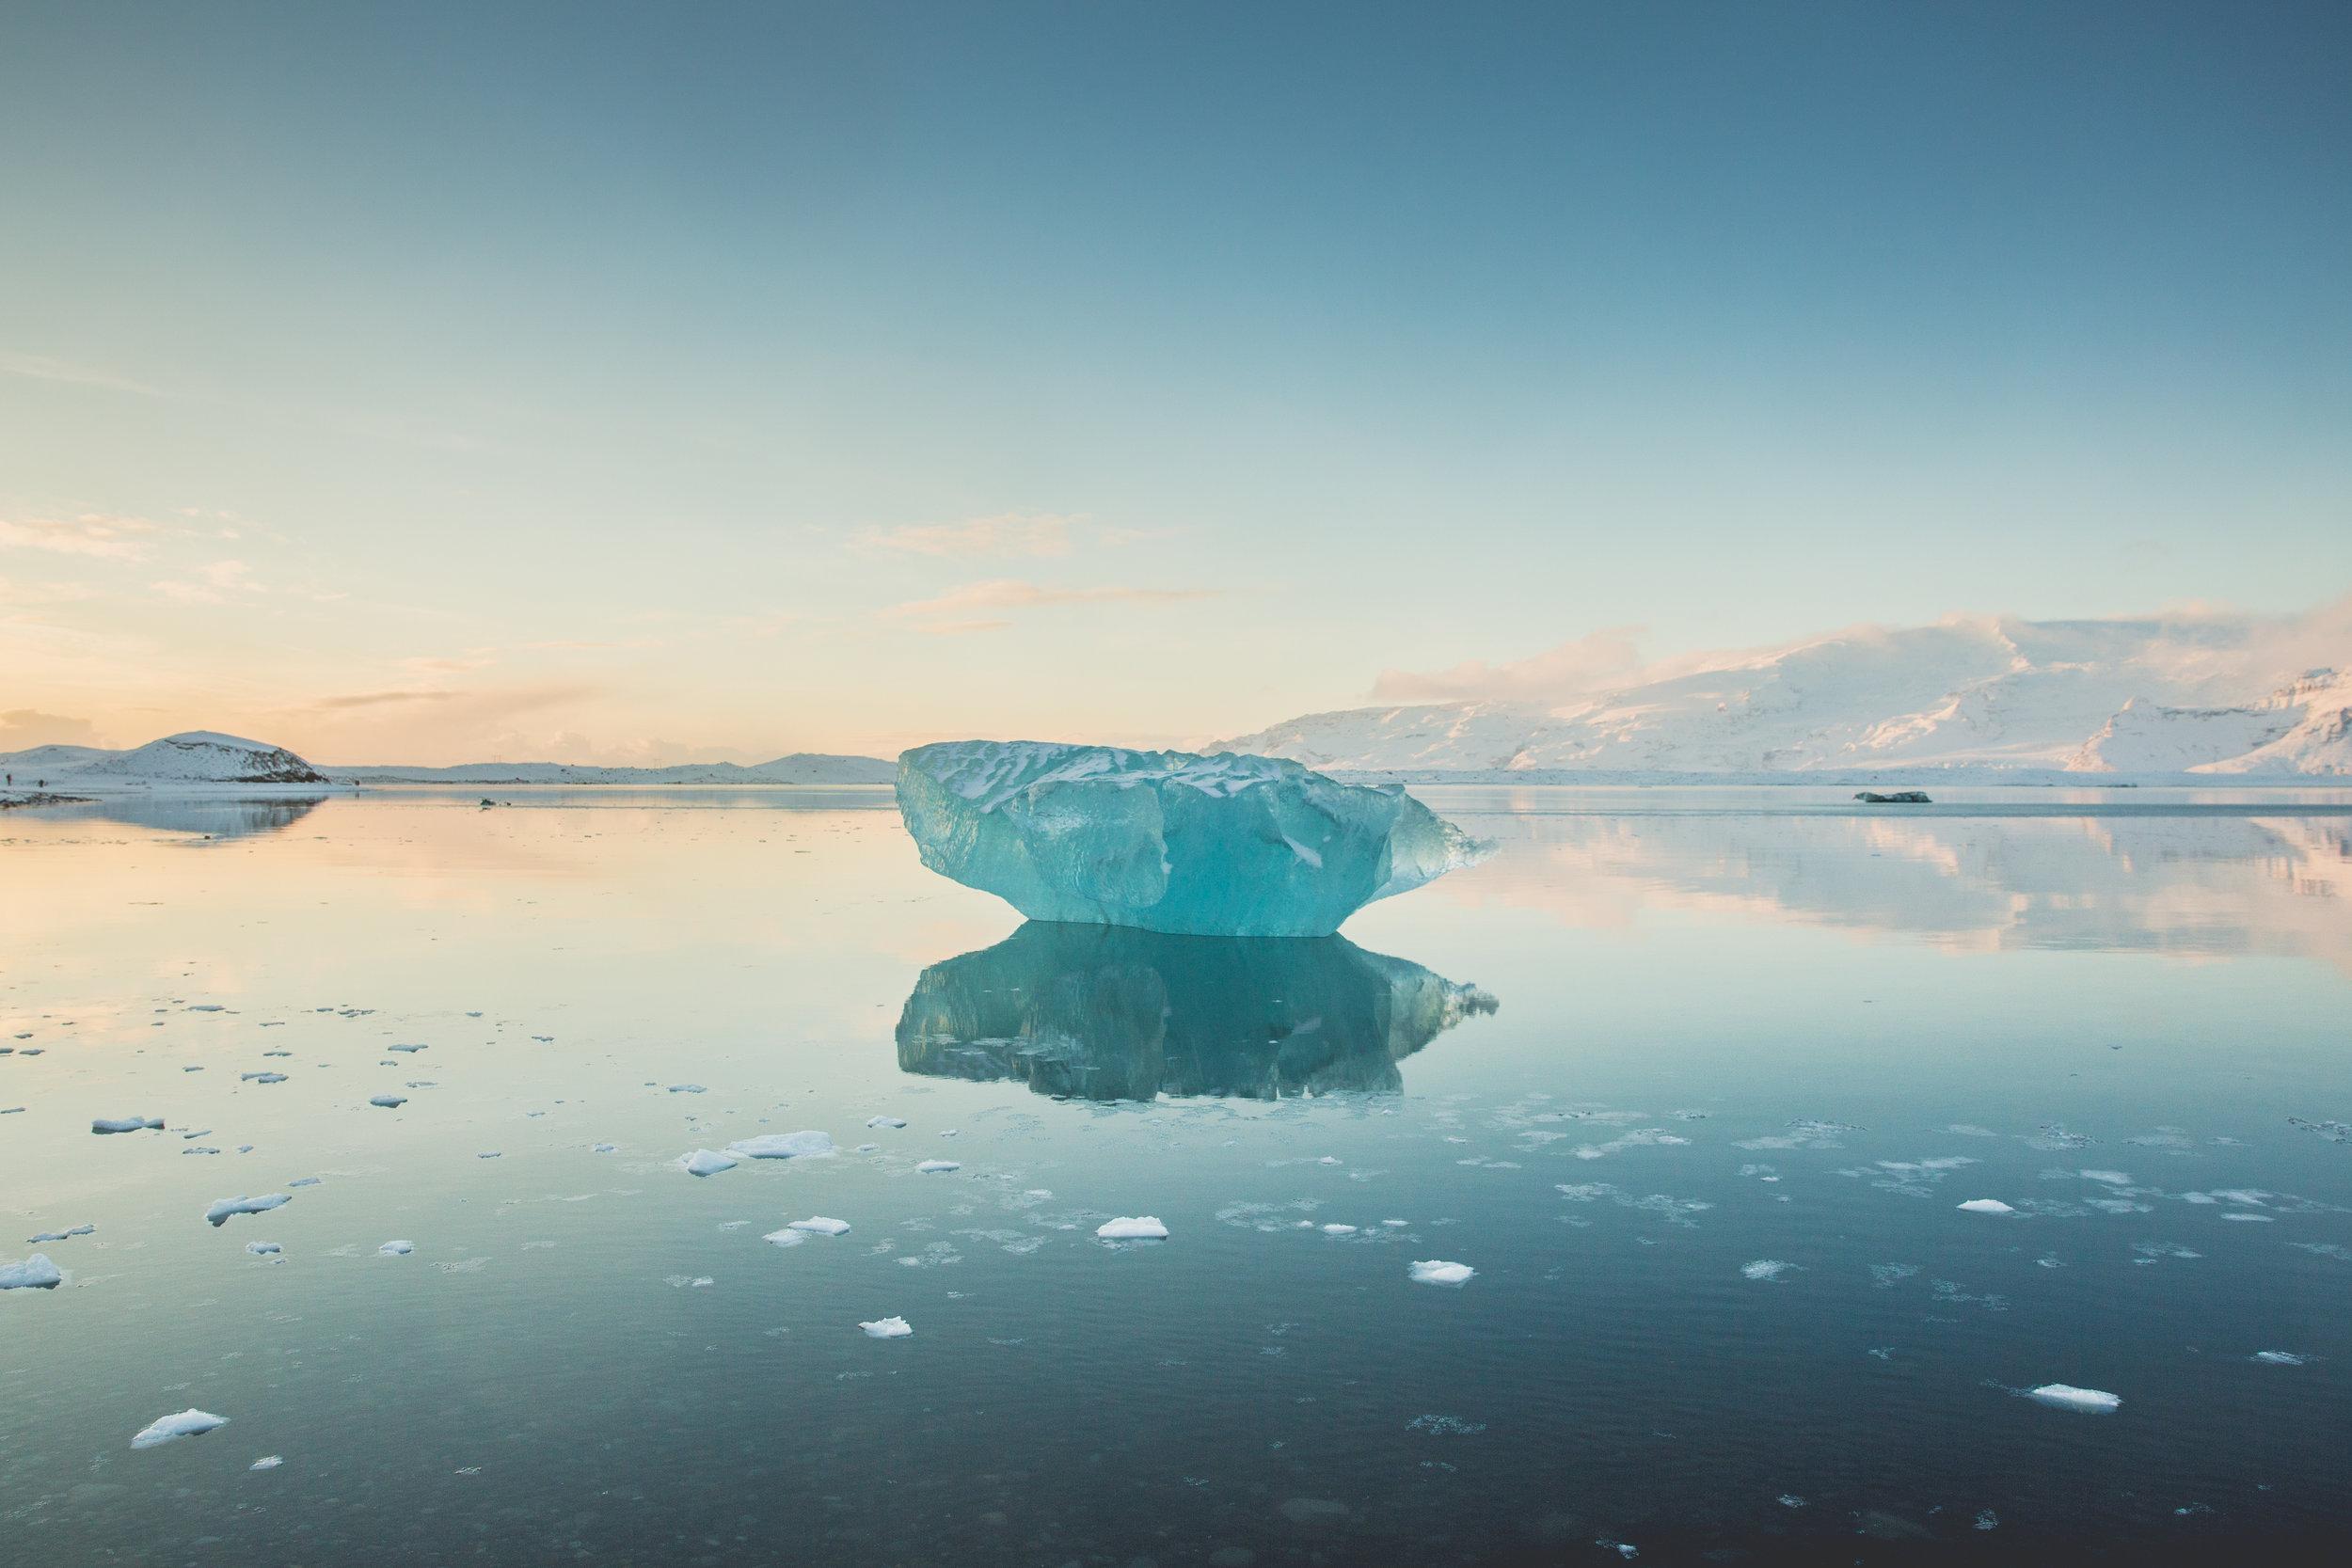 Jökulsárlón - Vatnajökull National Park, Iceland